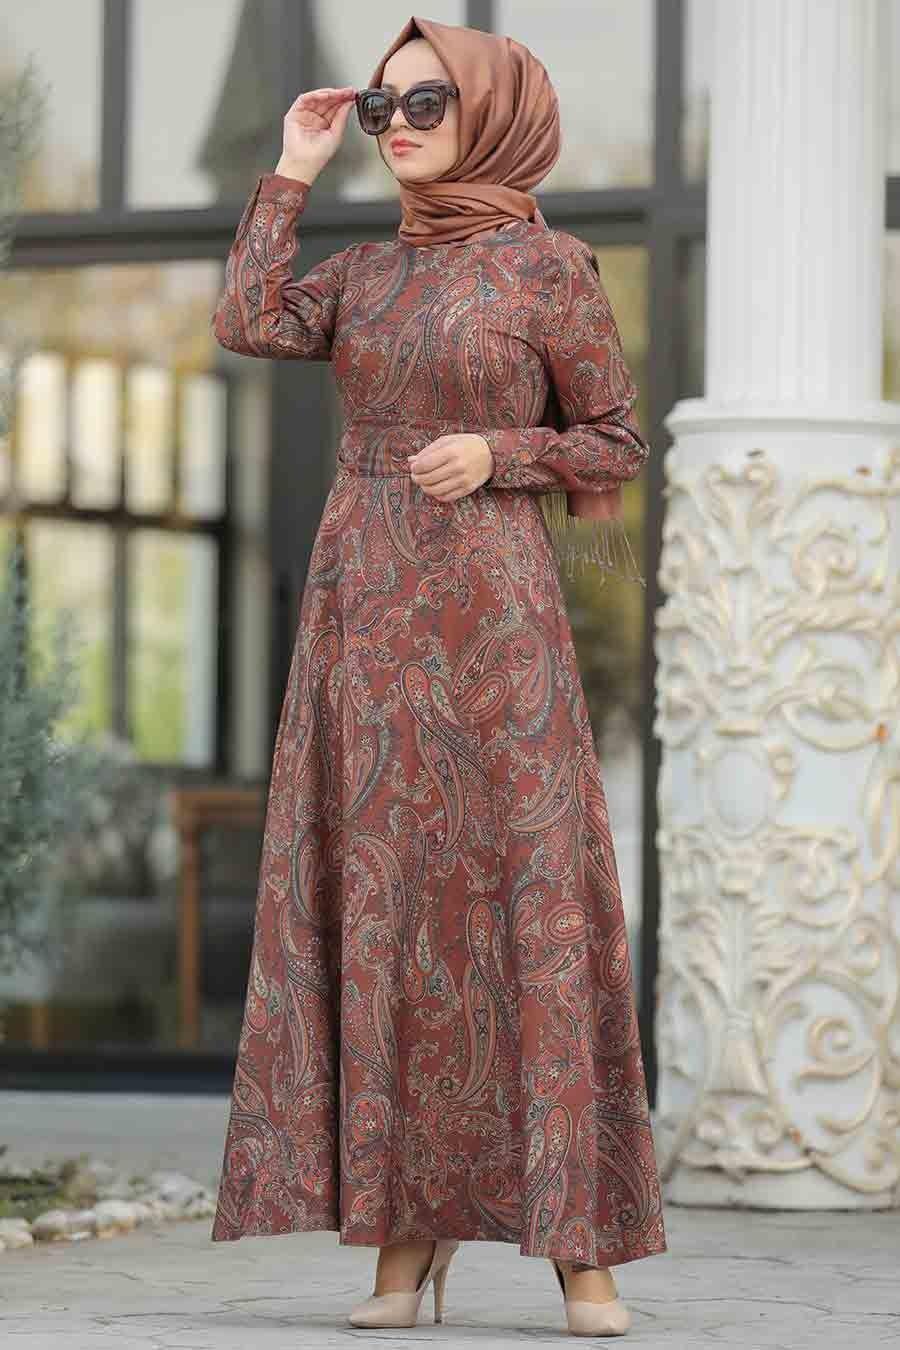 Neva Style Etnik Desenli Taba Tesettur Elbise 7591tb Tesetturisland Com Islami Giyim Elbise Elbise Modelleri